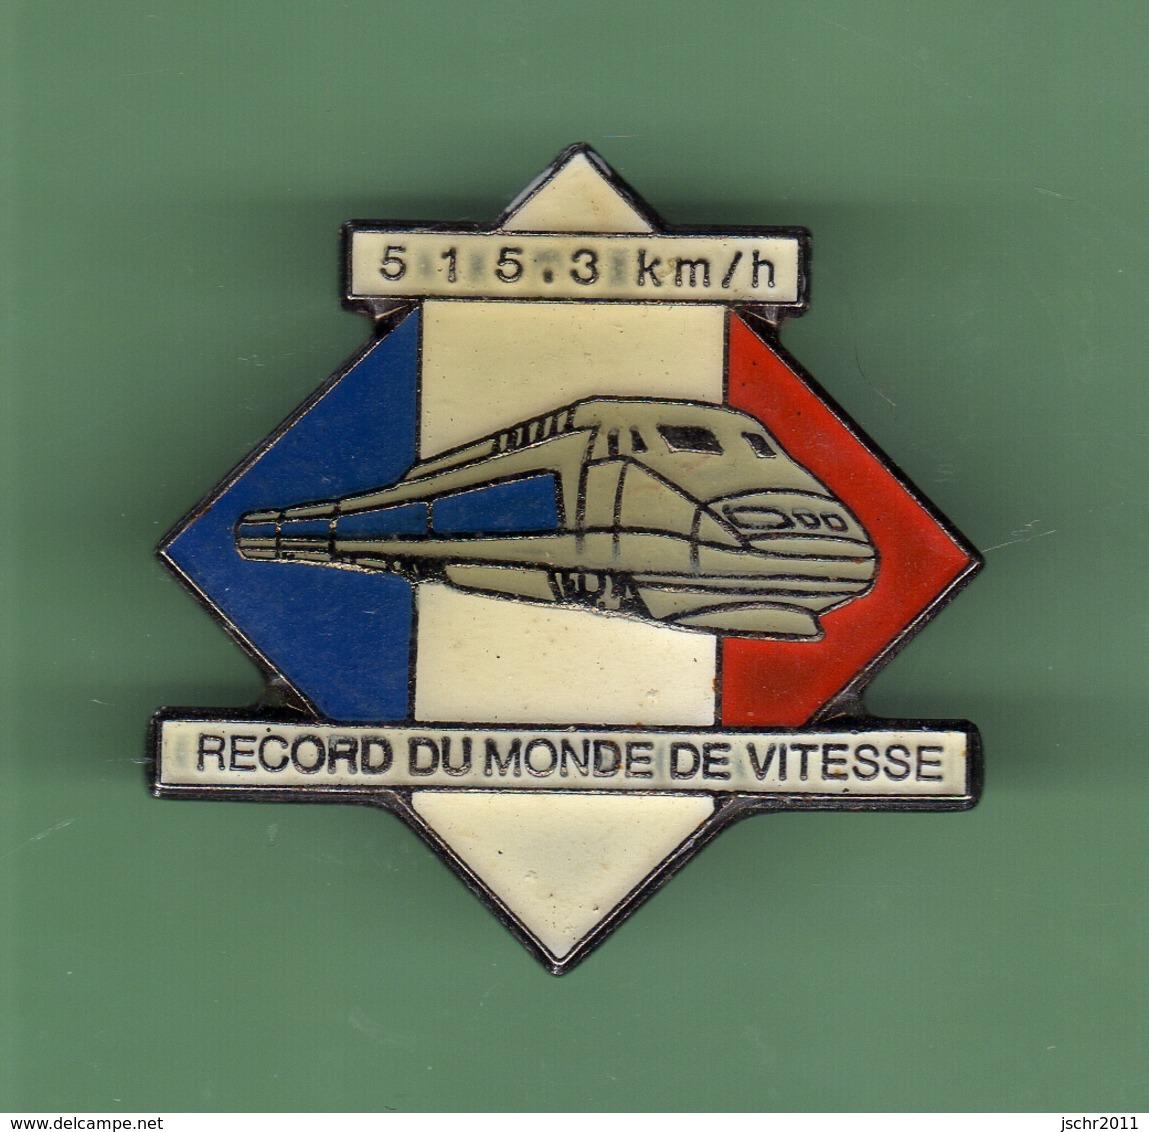 TGV *** RECORD DU MONDE DE VITESSE *** 515,3 Km/h *** TRAINS-02 - TGV